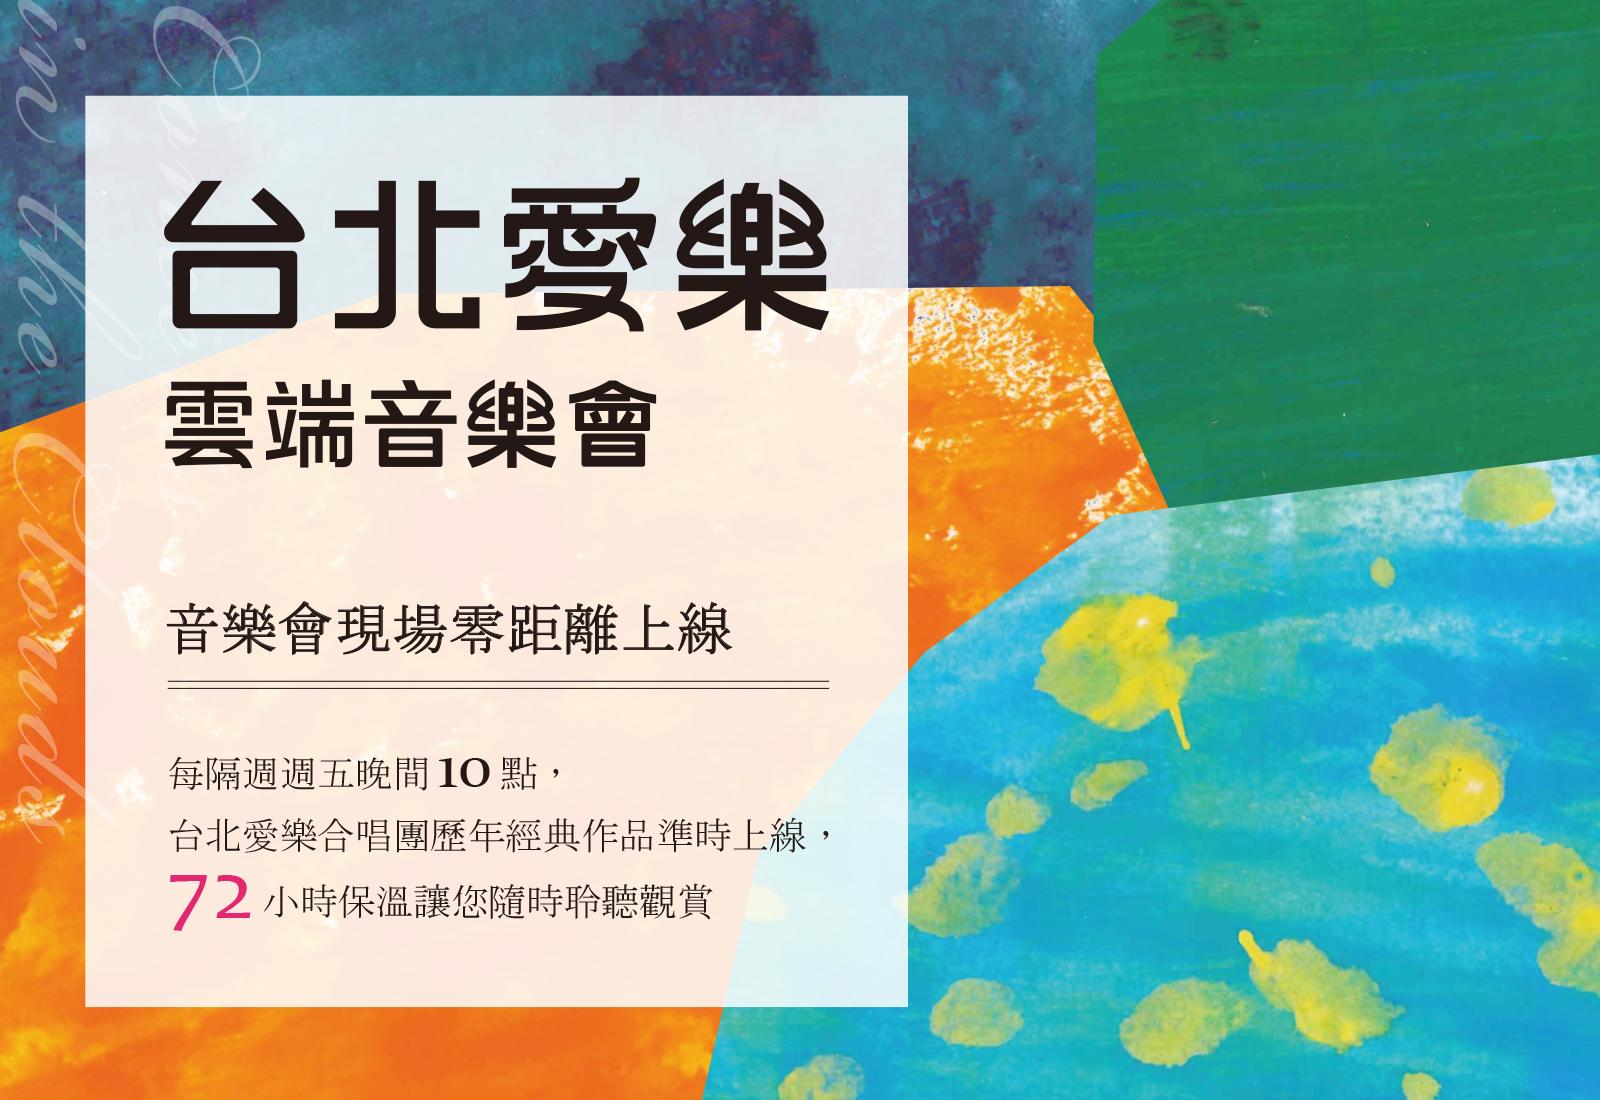 台北愛樂雲端音樂會 X 音樂會現場零距離上線